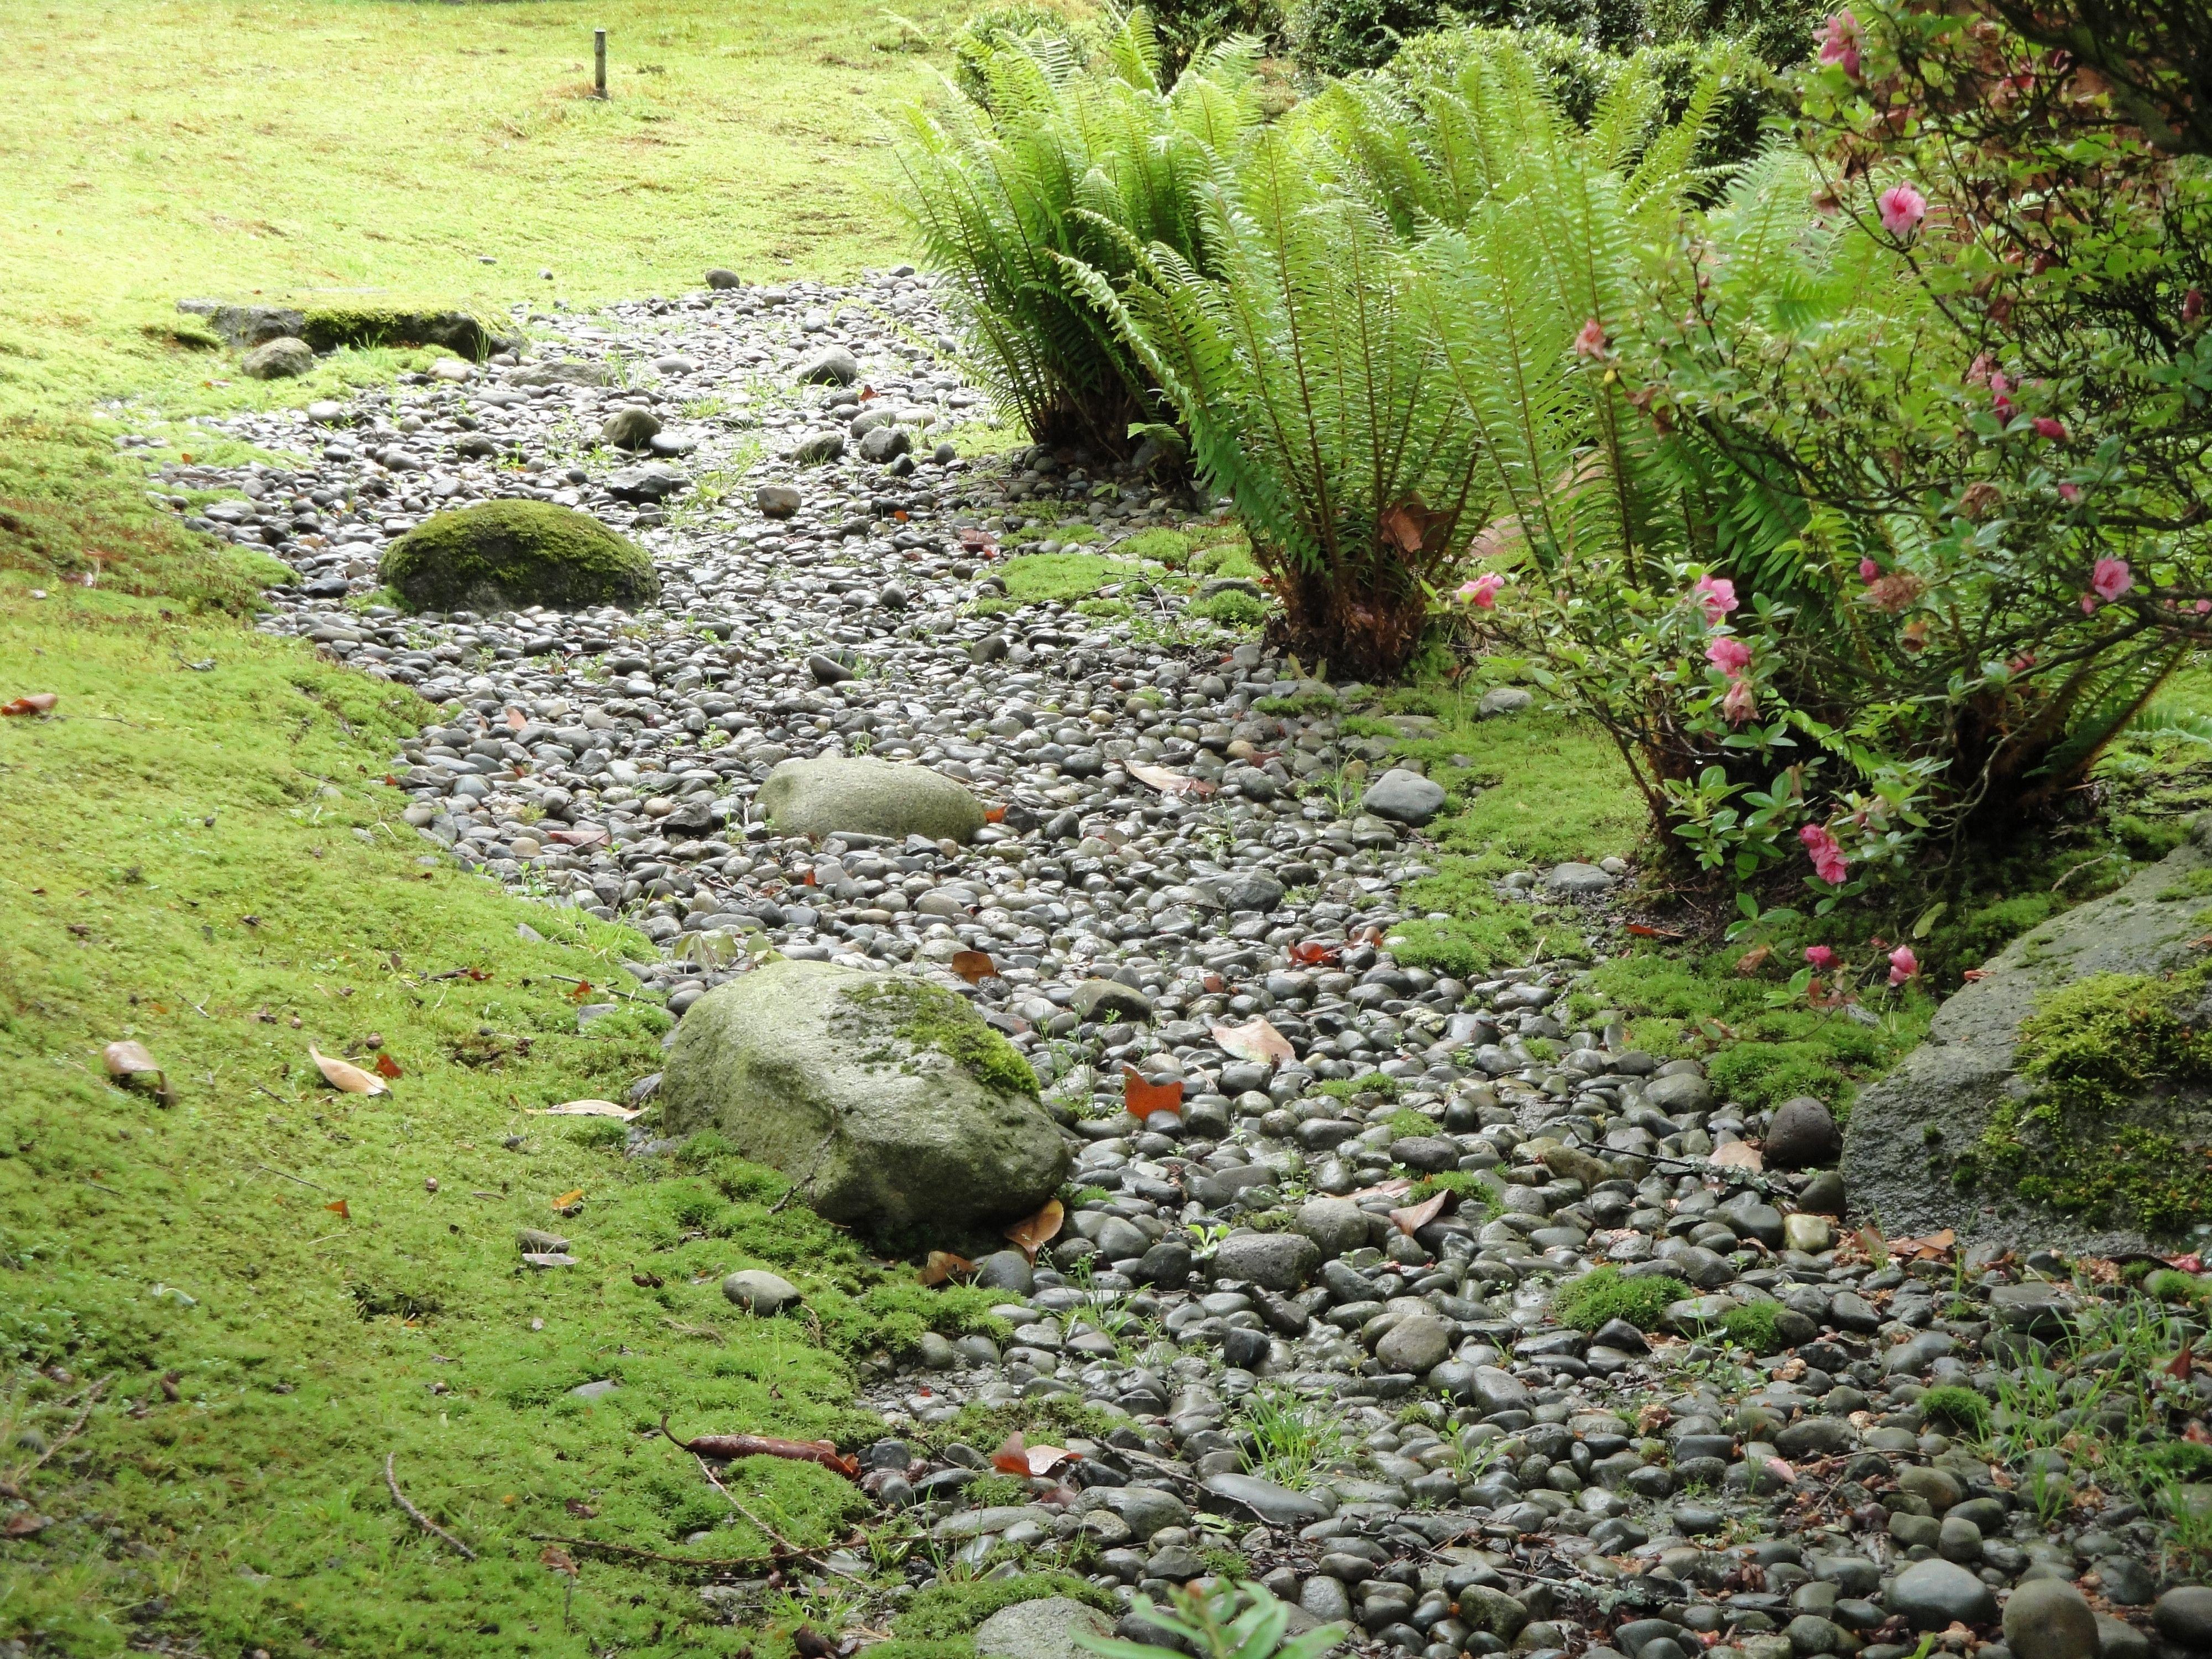 установить новое как выглядит сухой ручей в природе фото это очень экстремальных